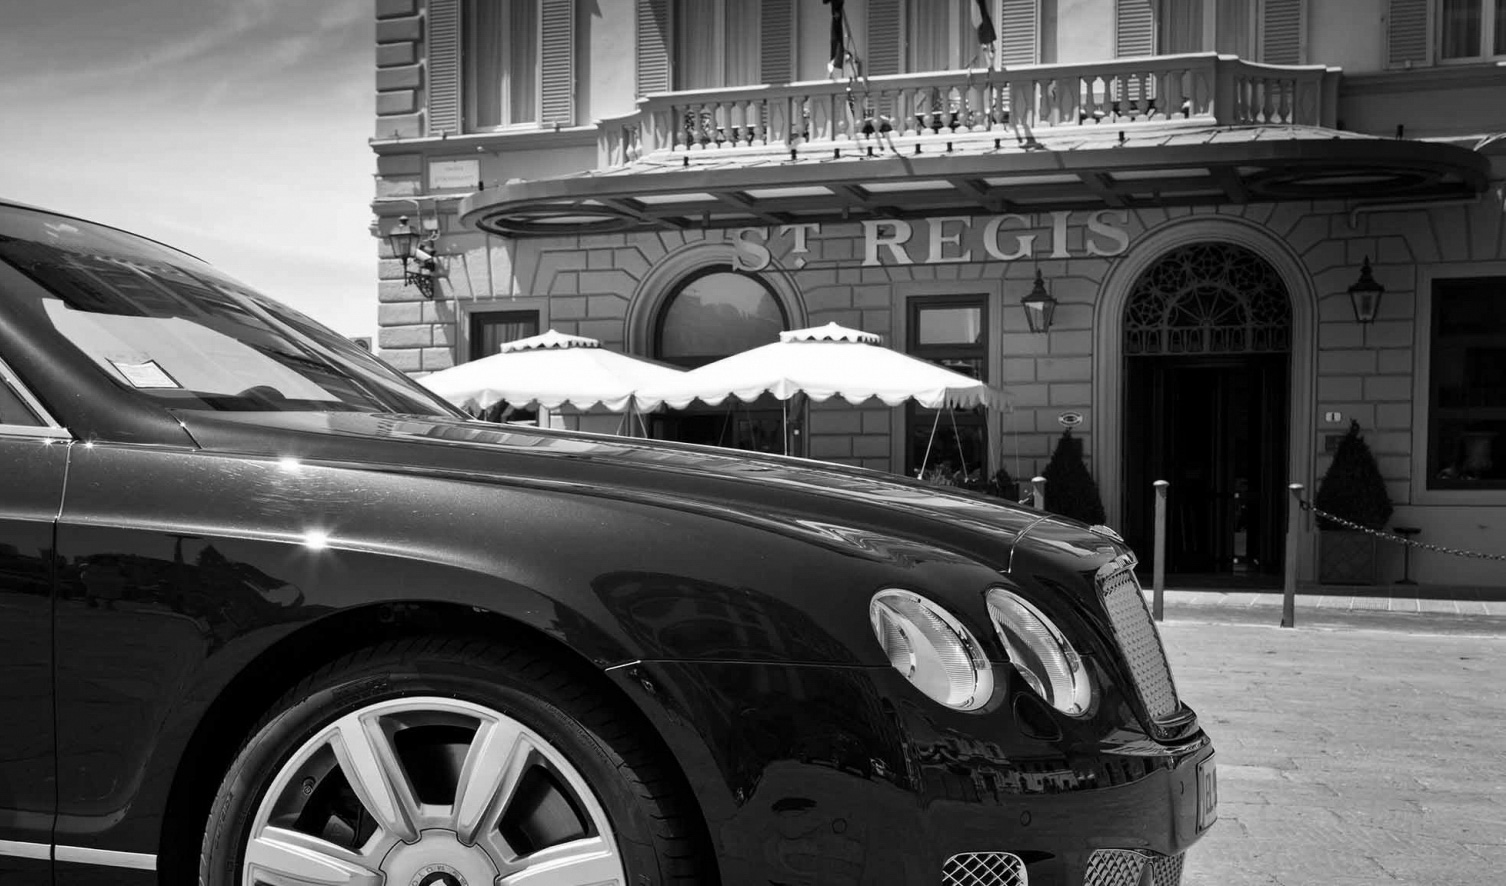 St. Regis Firenze - Bentley